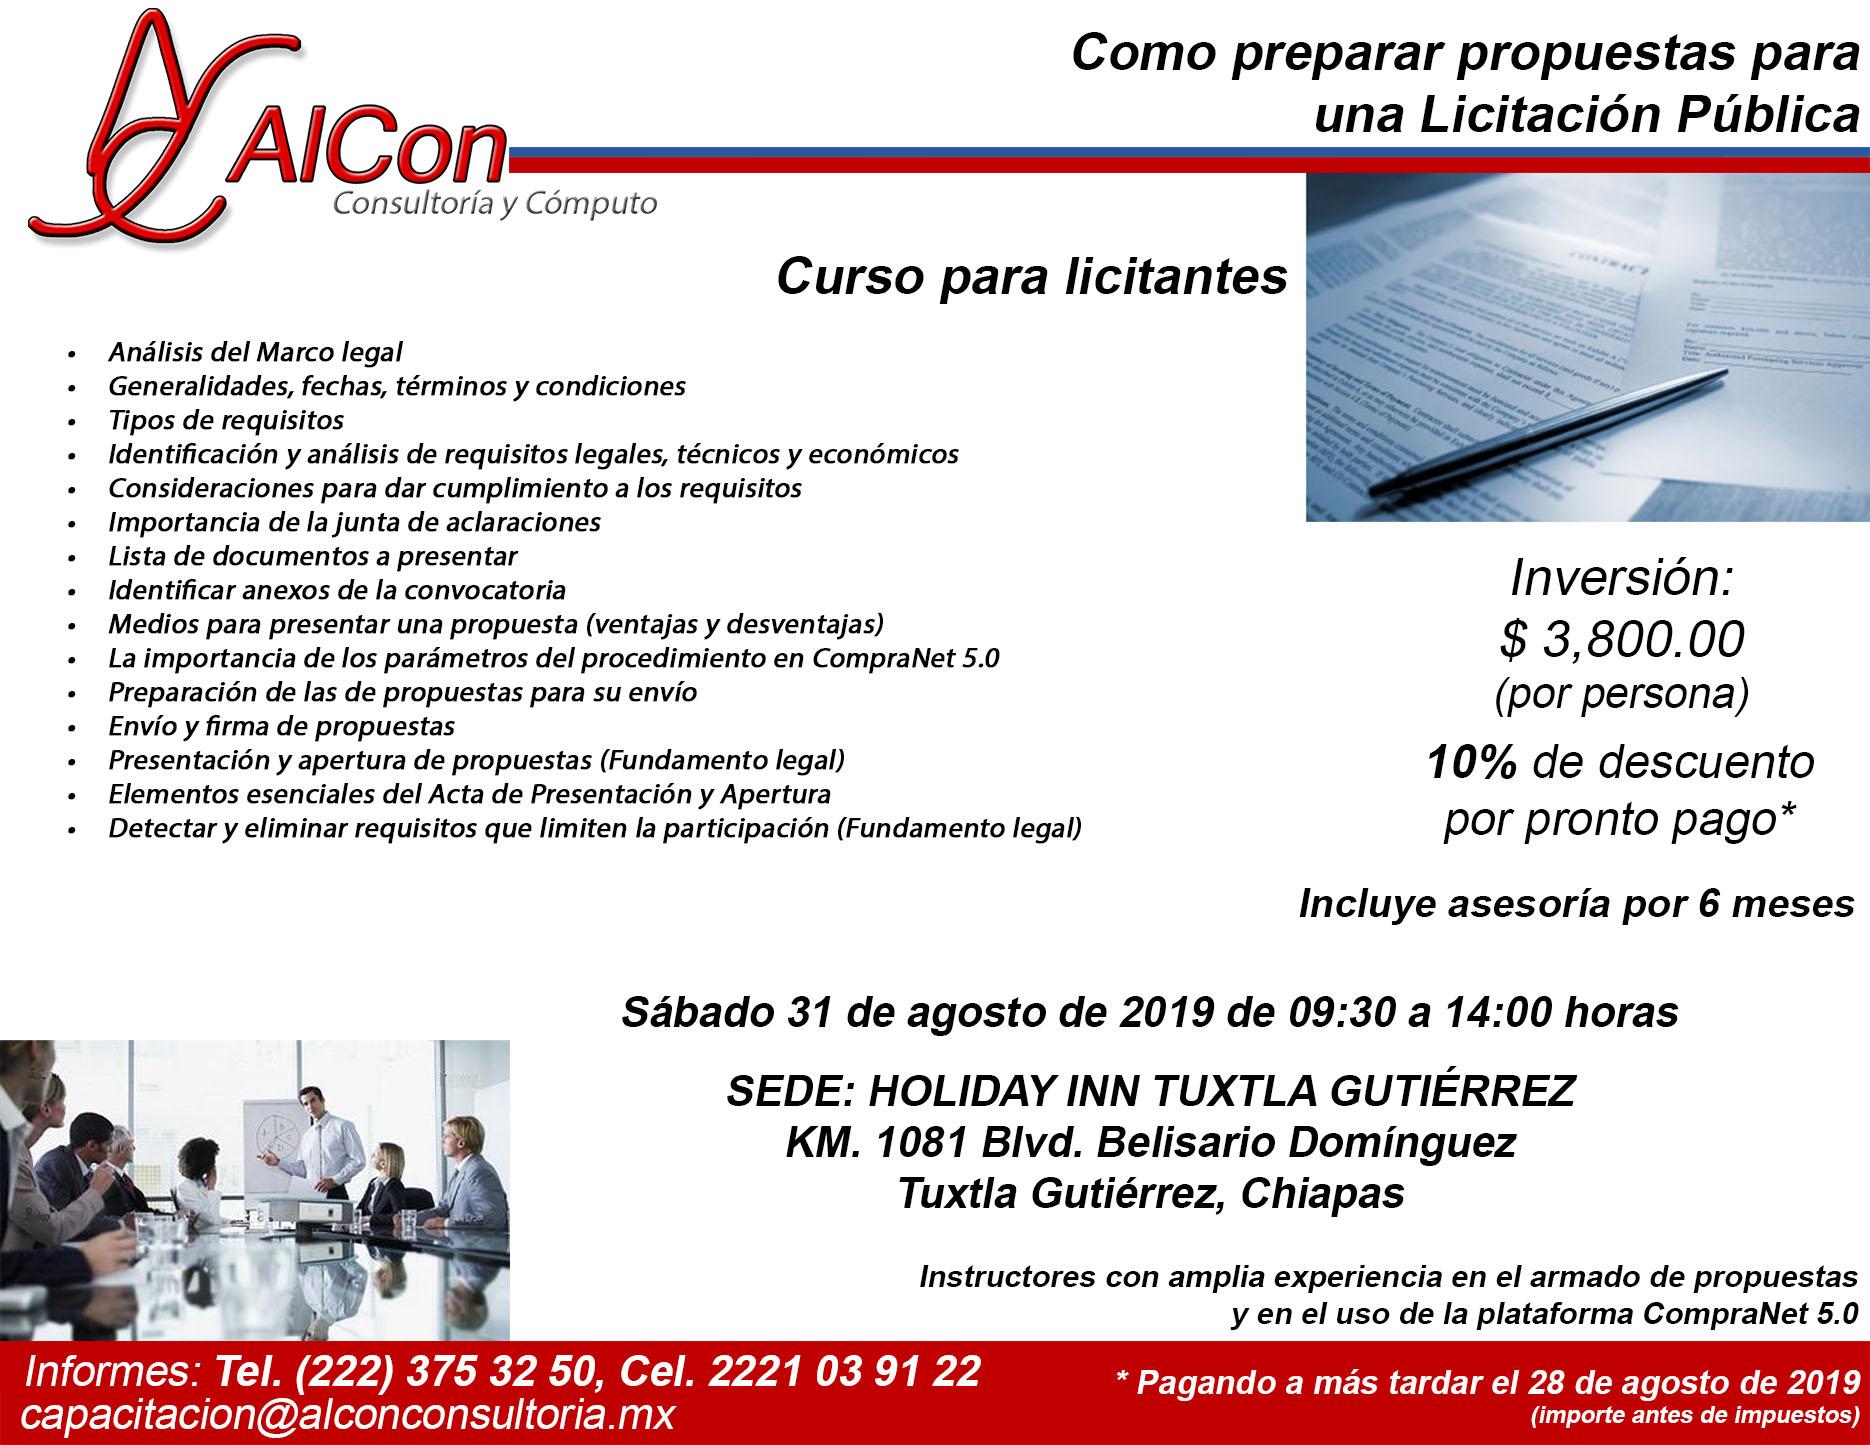 Curso Como preparar propuestas para una Licitación Pública, Tuxtla Gutiérrez, Chiapas, AlCon Consultoría y Cómputo